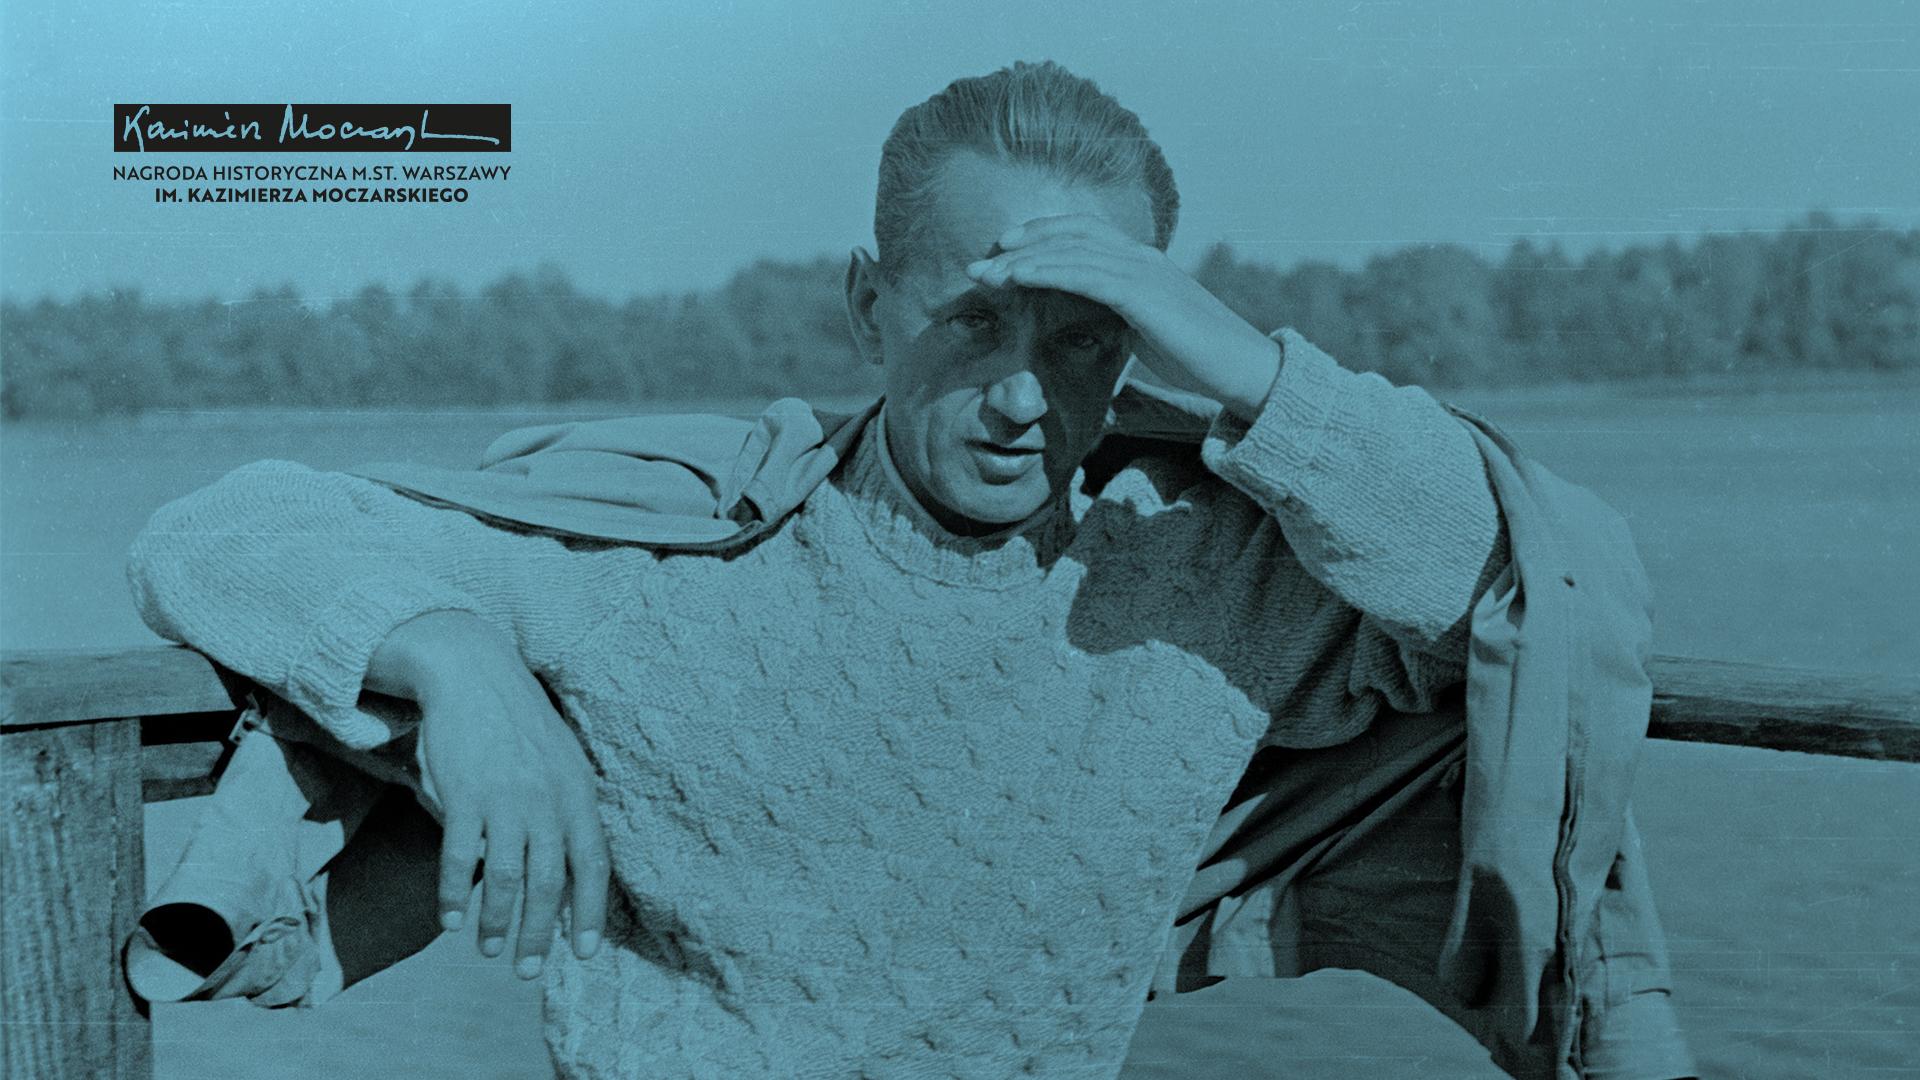 Fotografia Kazimierza Moczarskiego z archiwum Elżbiety Moczarskiej / FOTONOVA